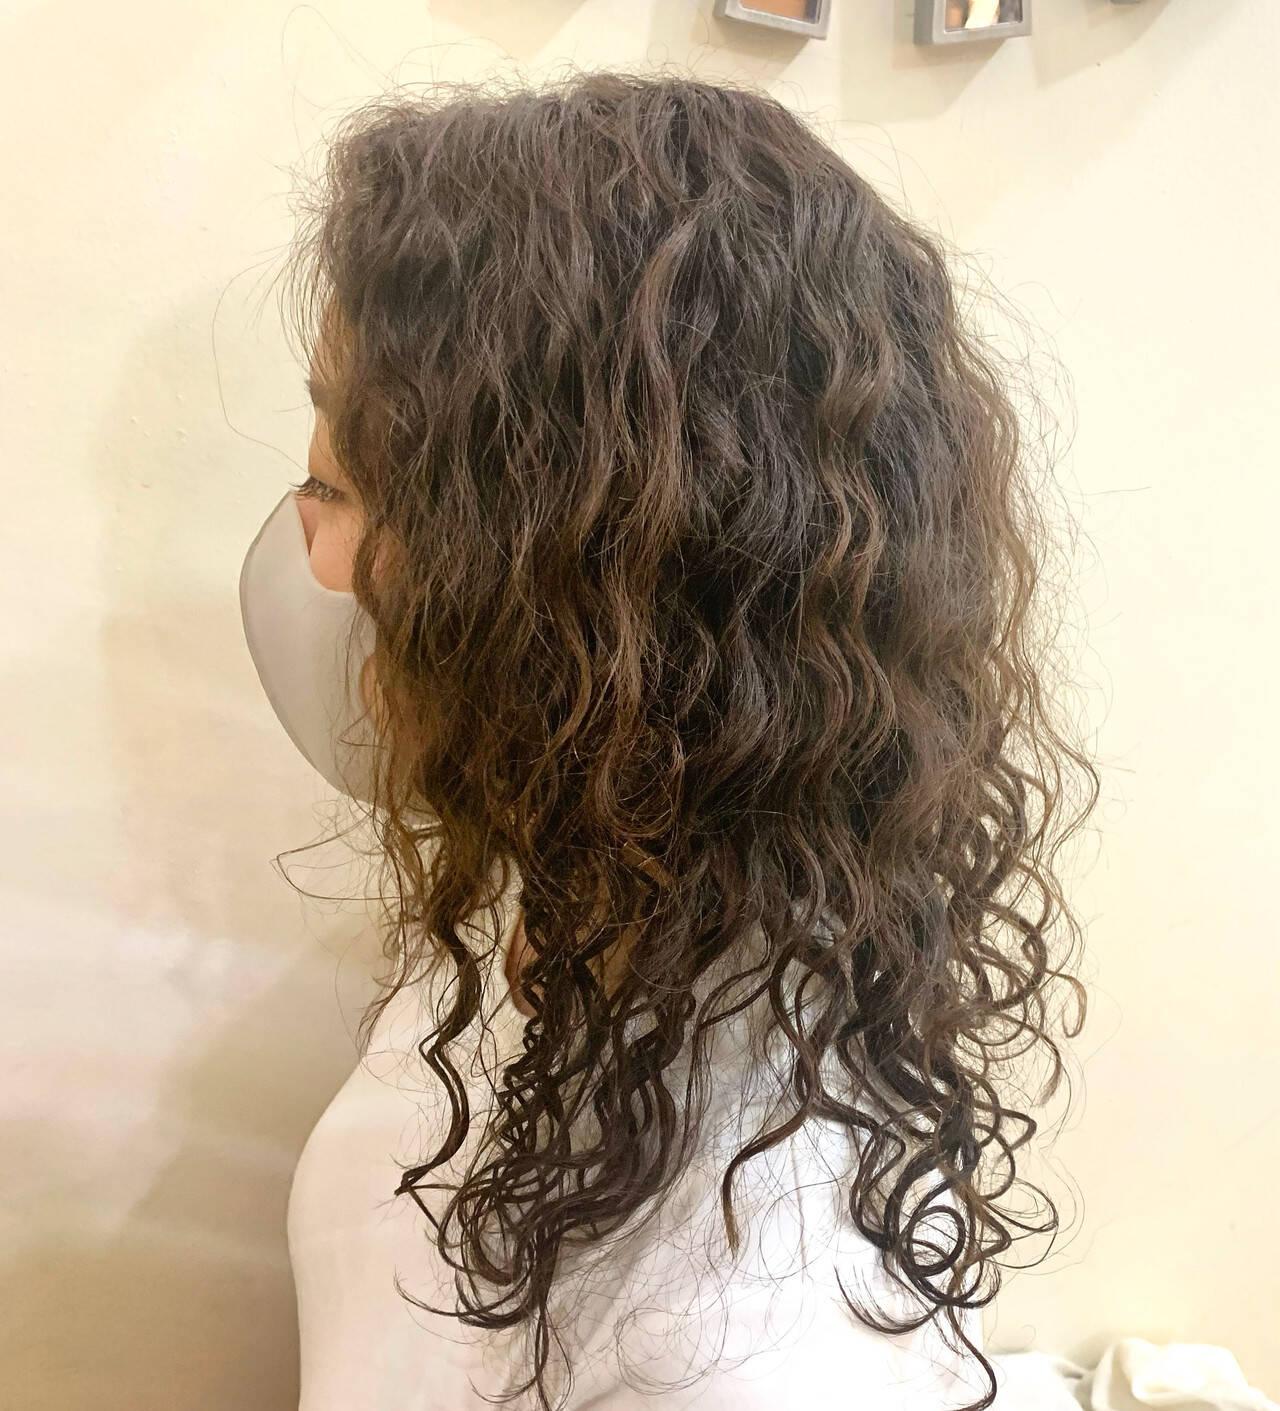 セミロング 無造作パーマ スパイラルパーマ 波ウェーブヘアスタイルや髪型の写真・画像